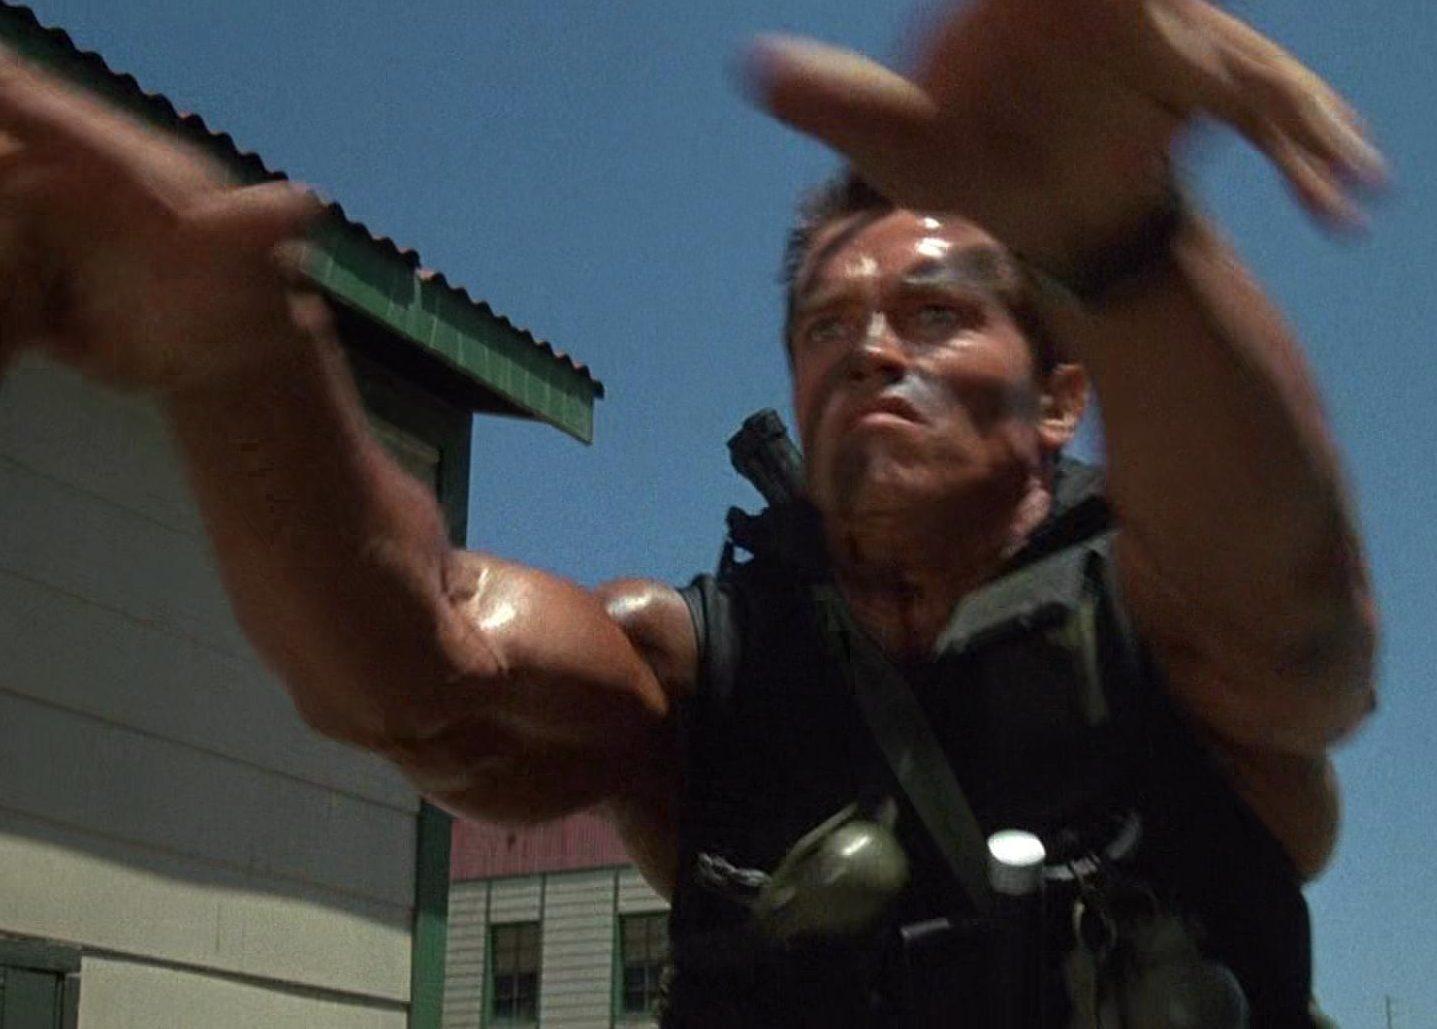 MV5BYjkwMTJiZWUtMGViNC00ZTQxLWIwMmQtY2Q0YjAxZjIzNGMzXkEyXkFqcGdeQXVyMTIwODk1NTQ@. V1 e1626687789897 20 Things You Probably Didn't Know About Commando